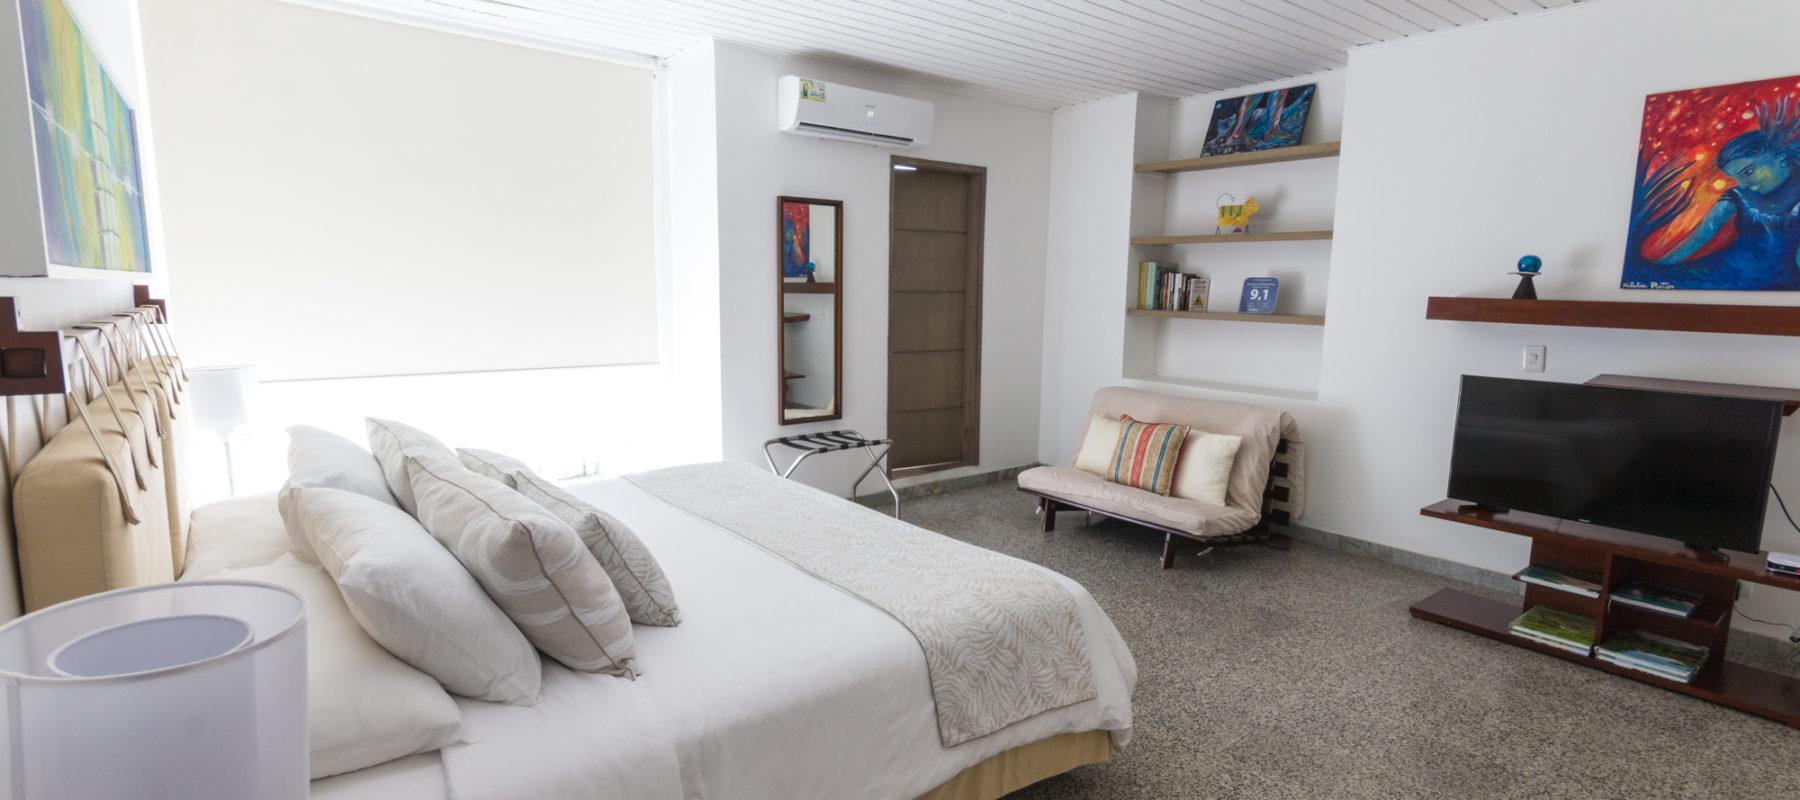 Habitaciones modernas y cómodas